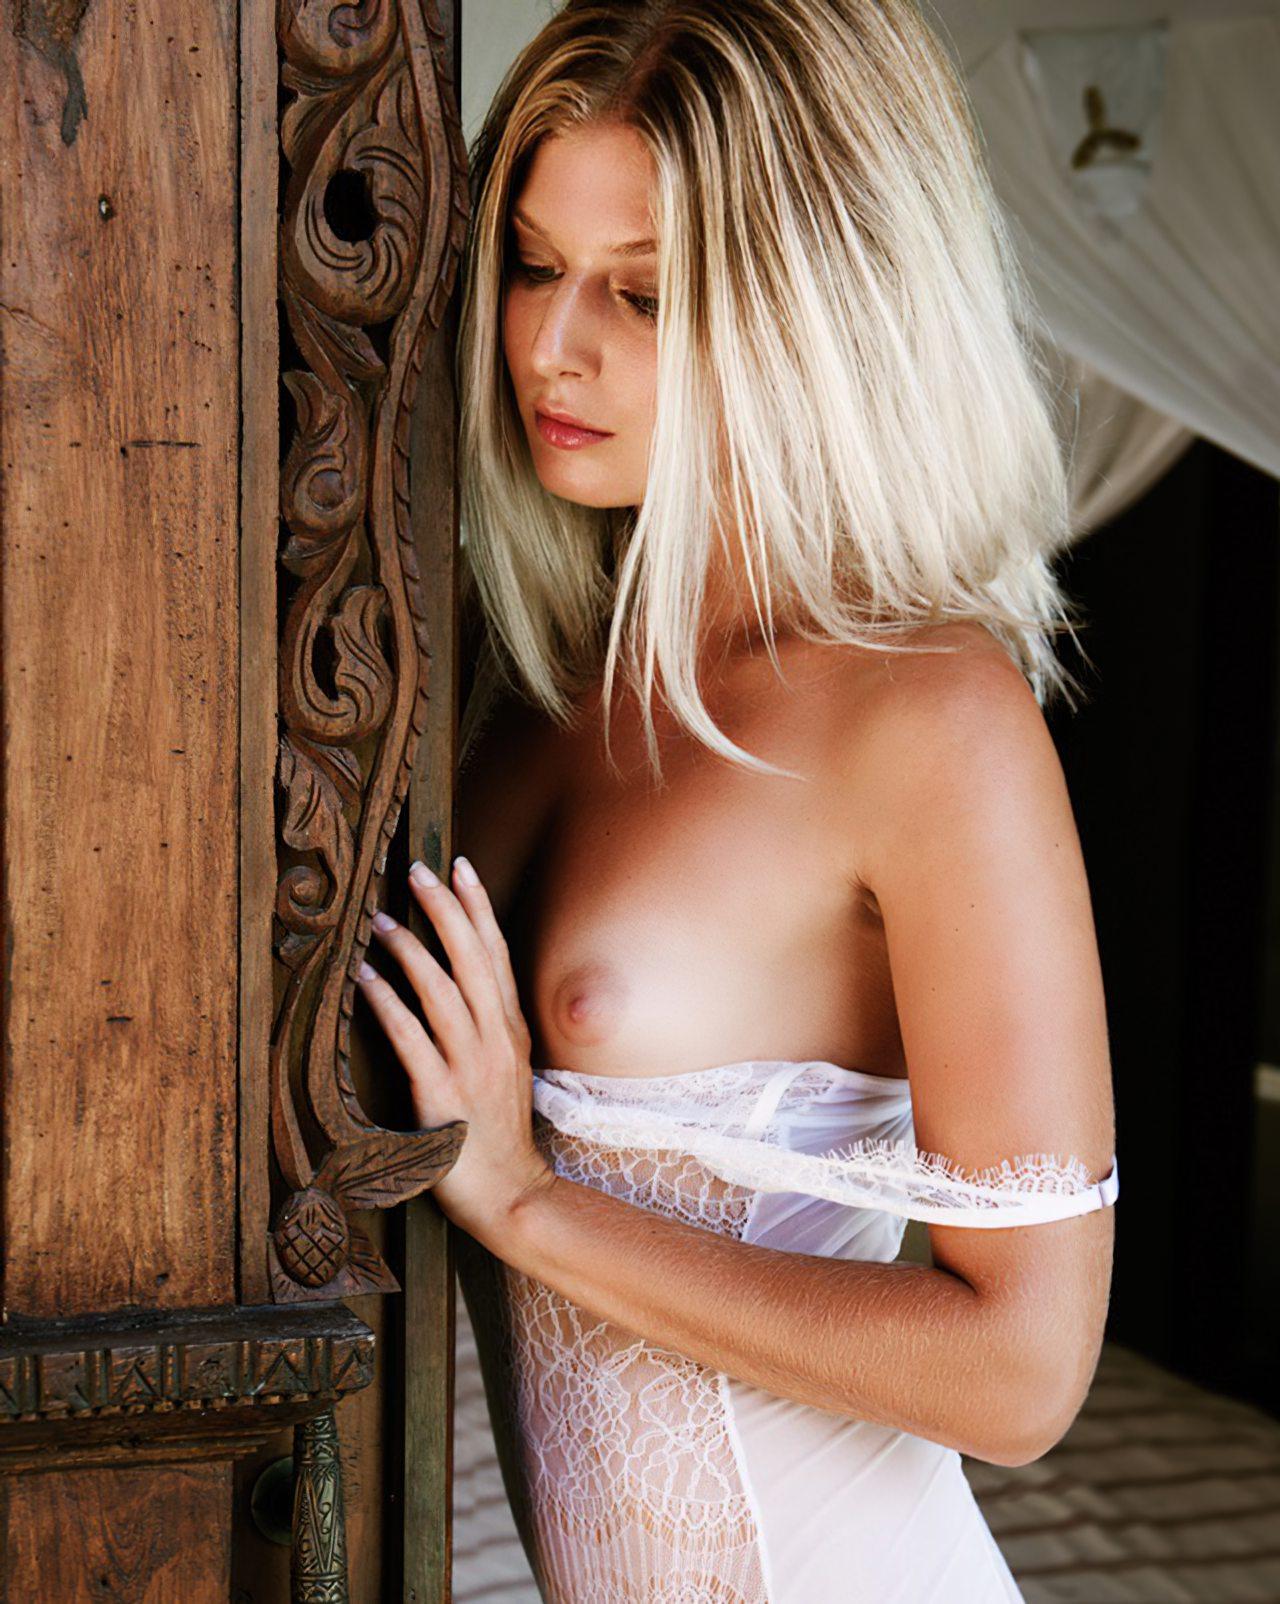 Mulheres Peladas (33)